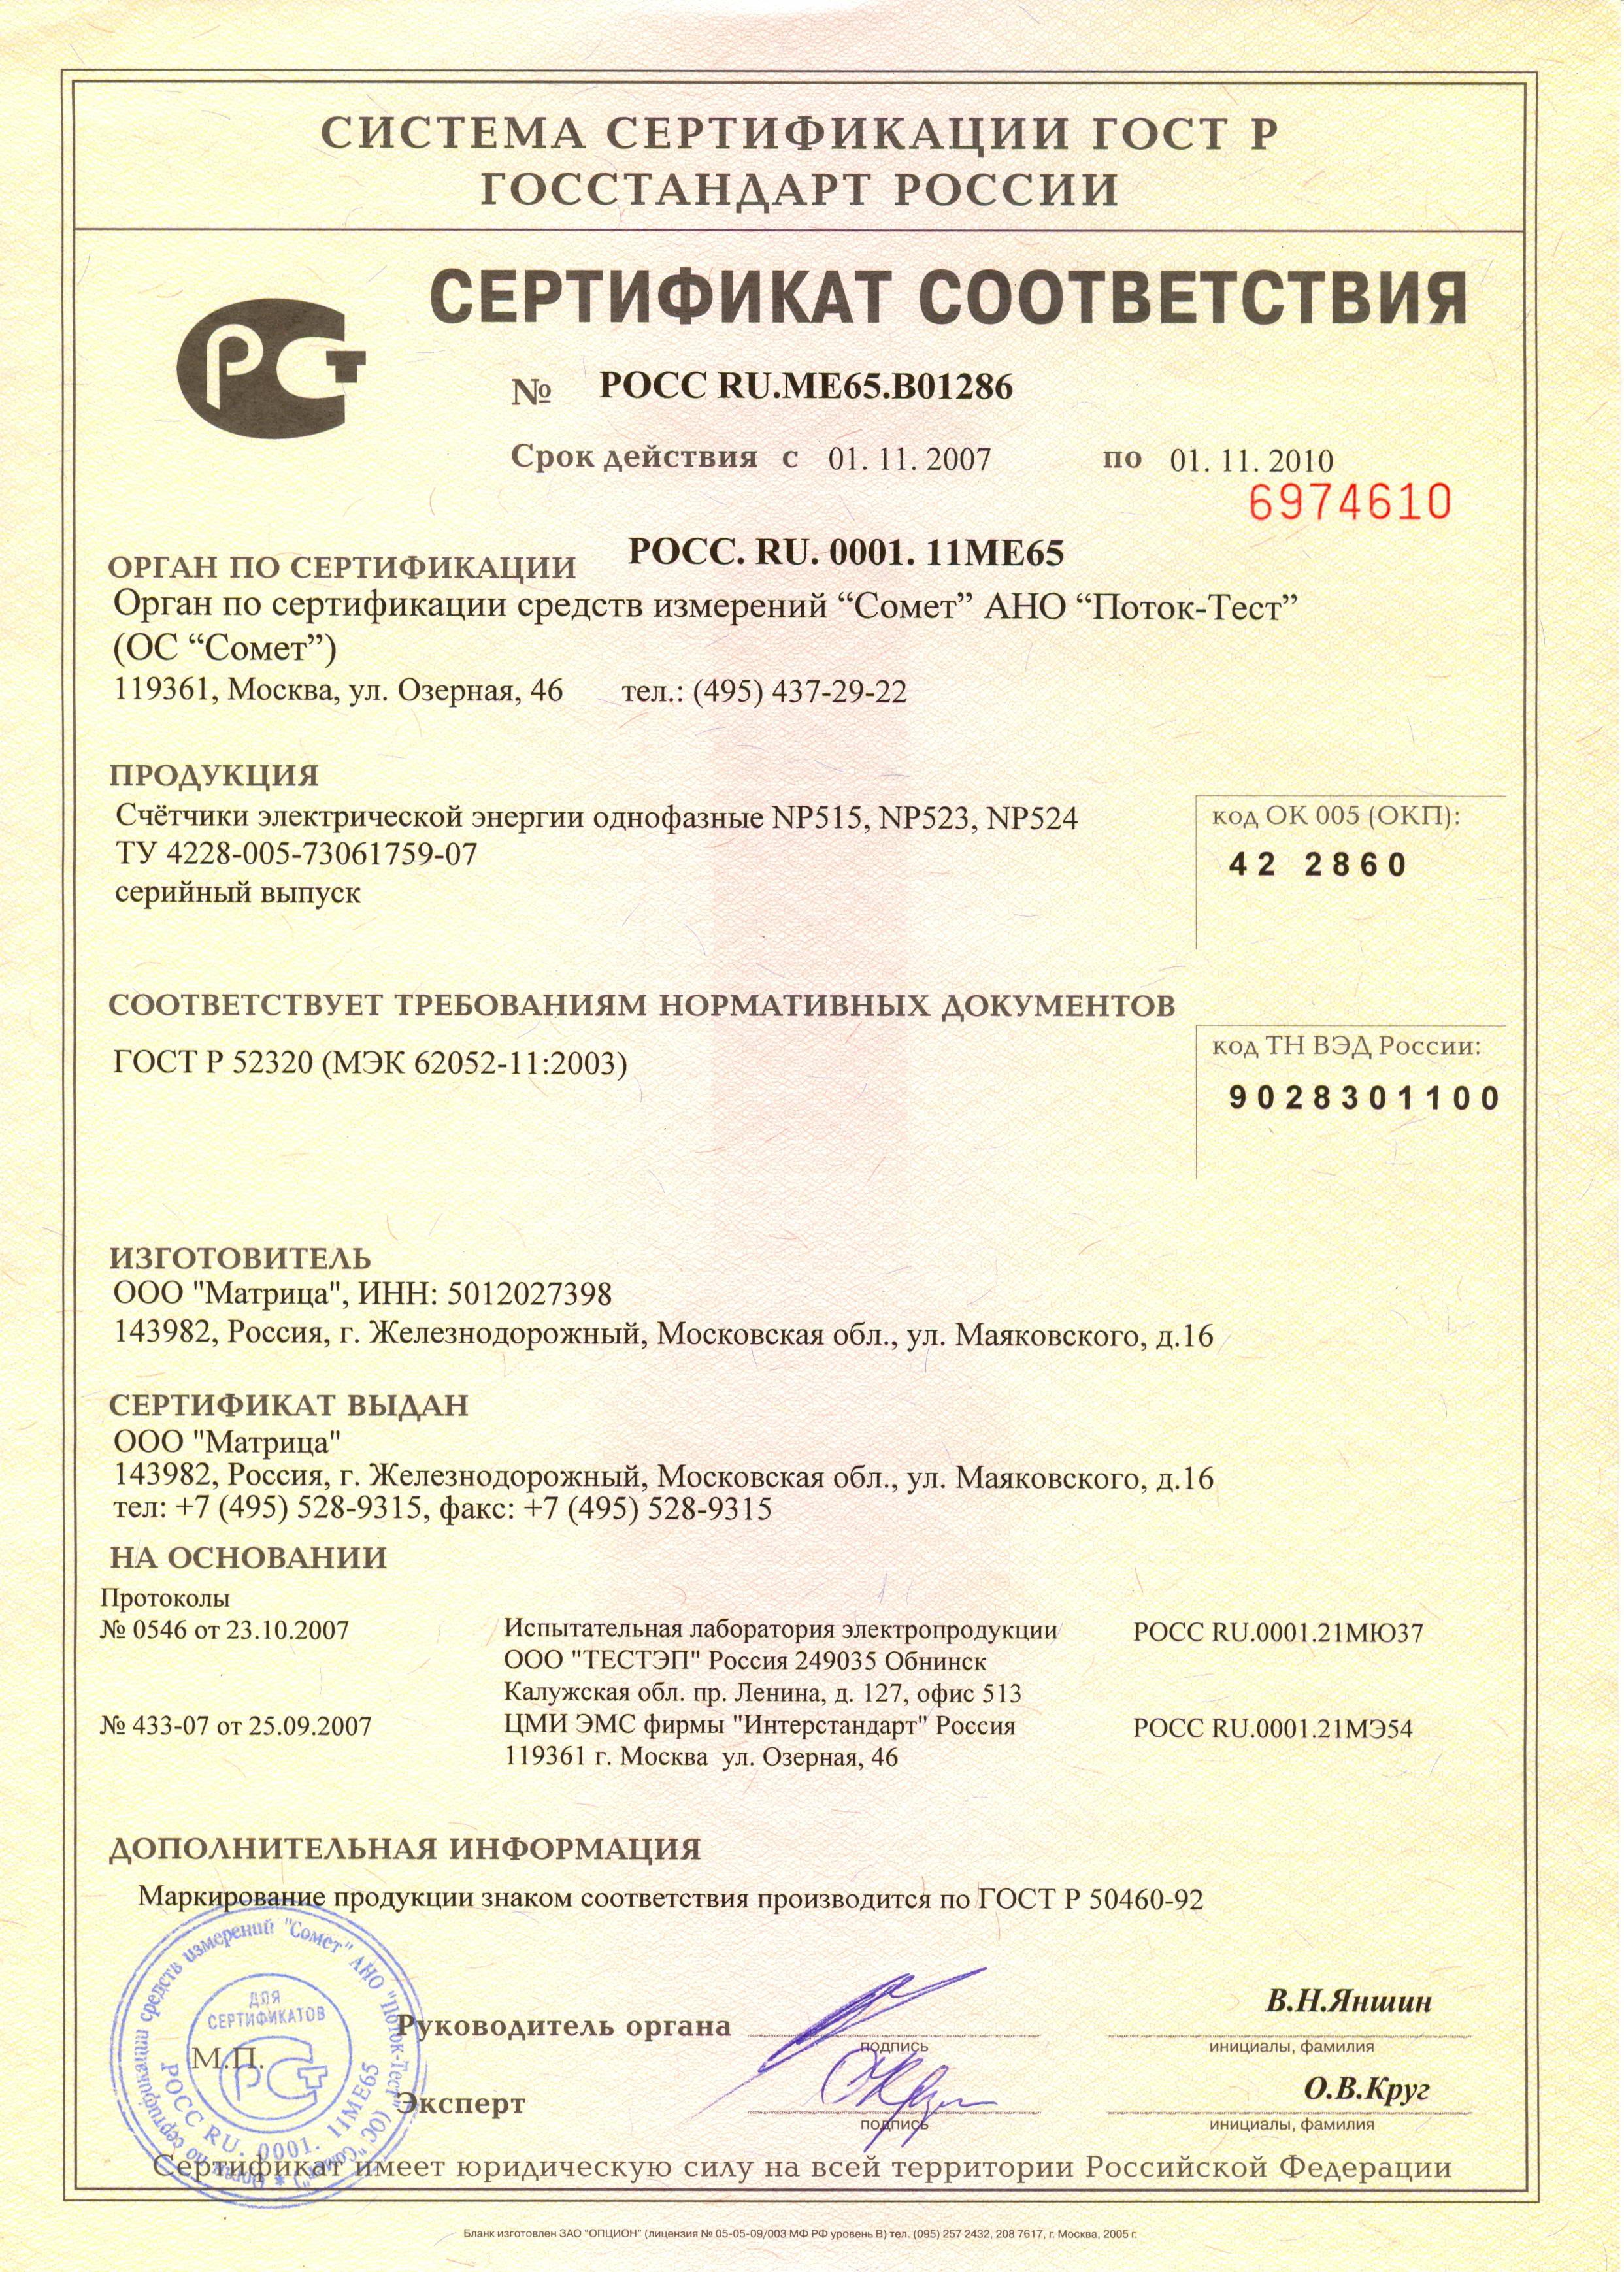 Сертификат соответствия Счетчики электрической энергии однофазные